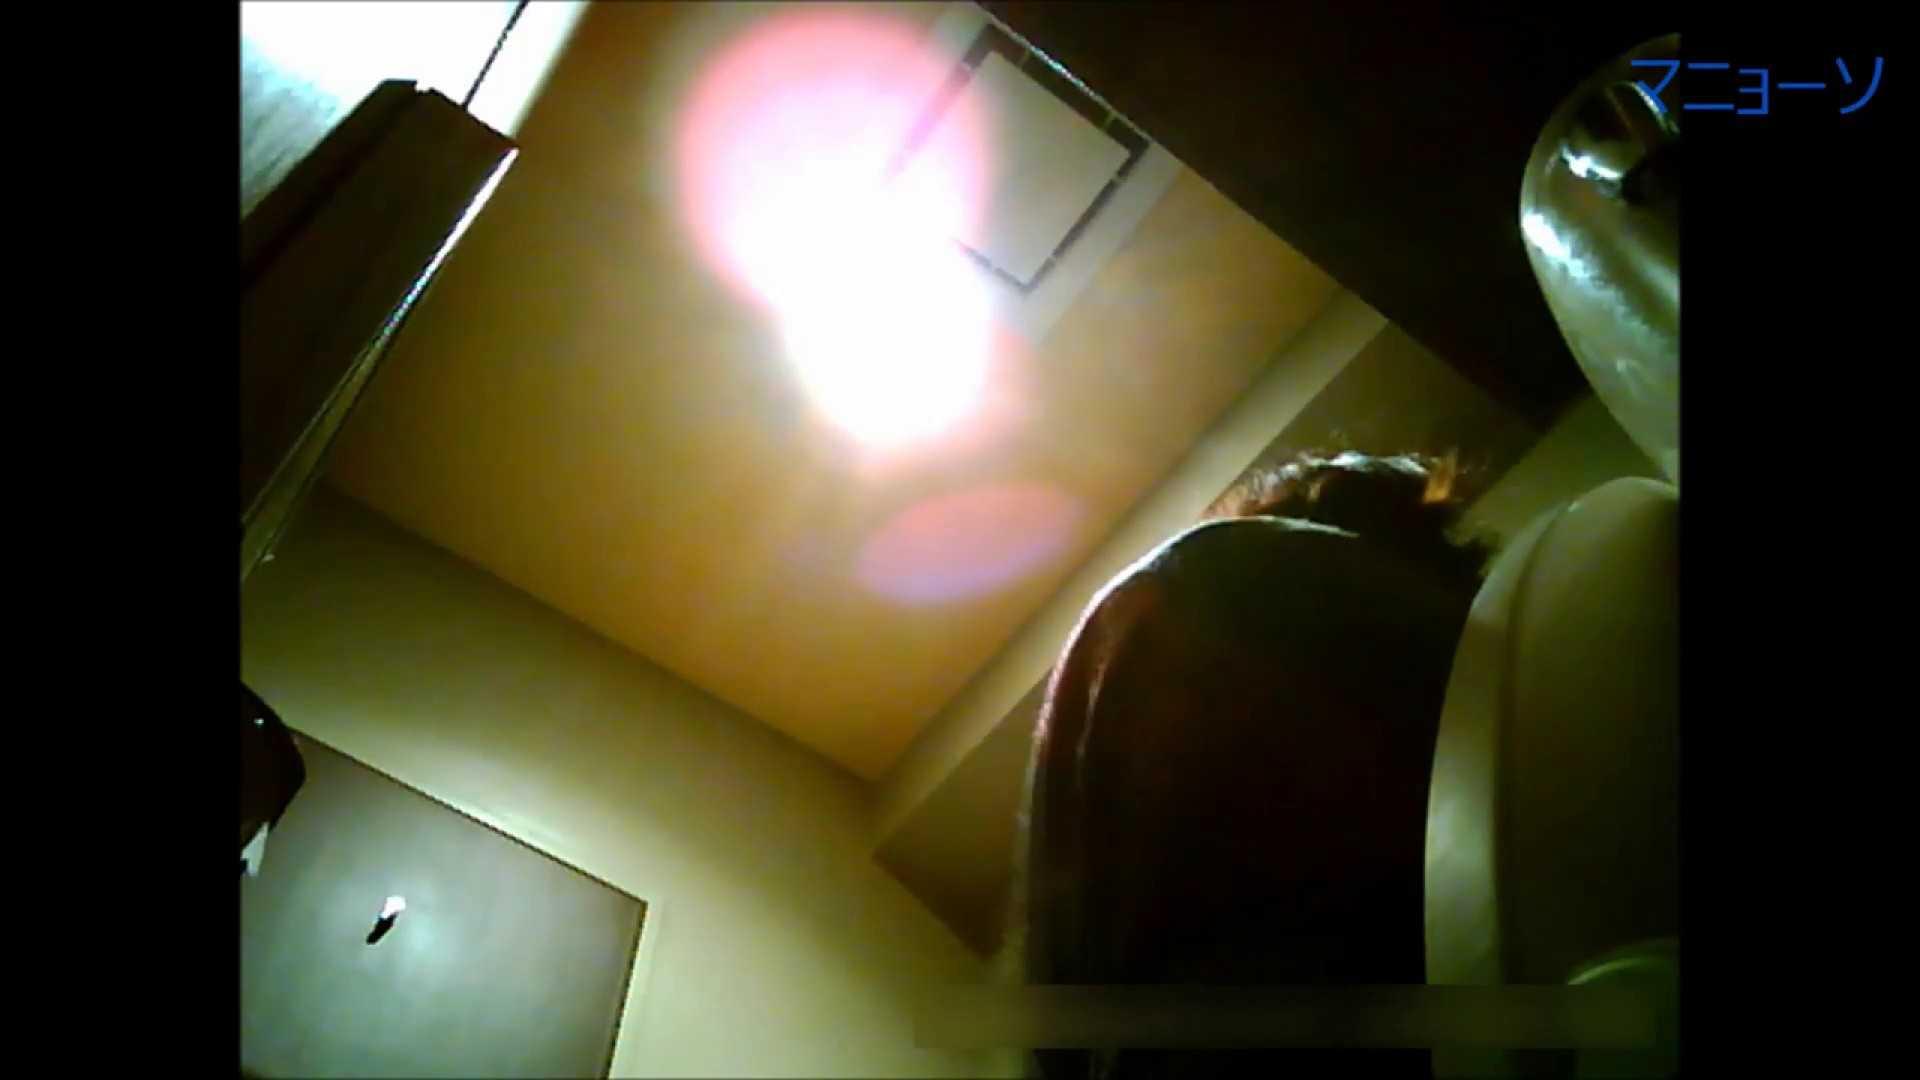 トイレでひと肌脱いでもらいました (JD編)Vol.02 トイレ  80pic 2